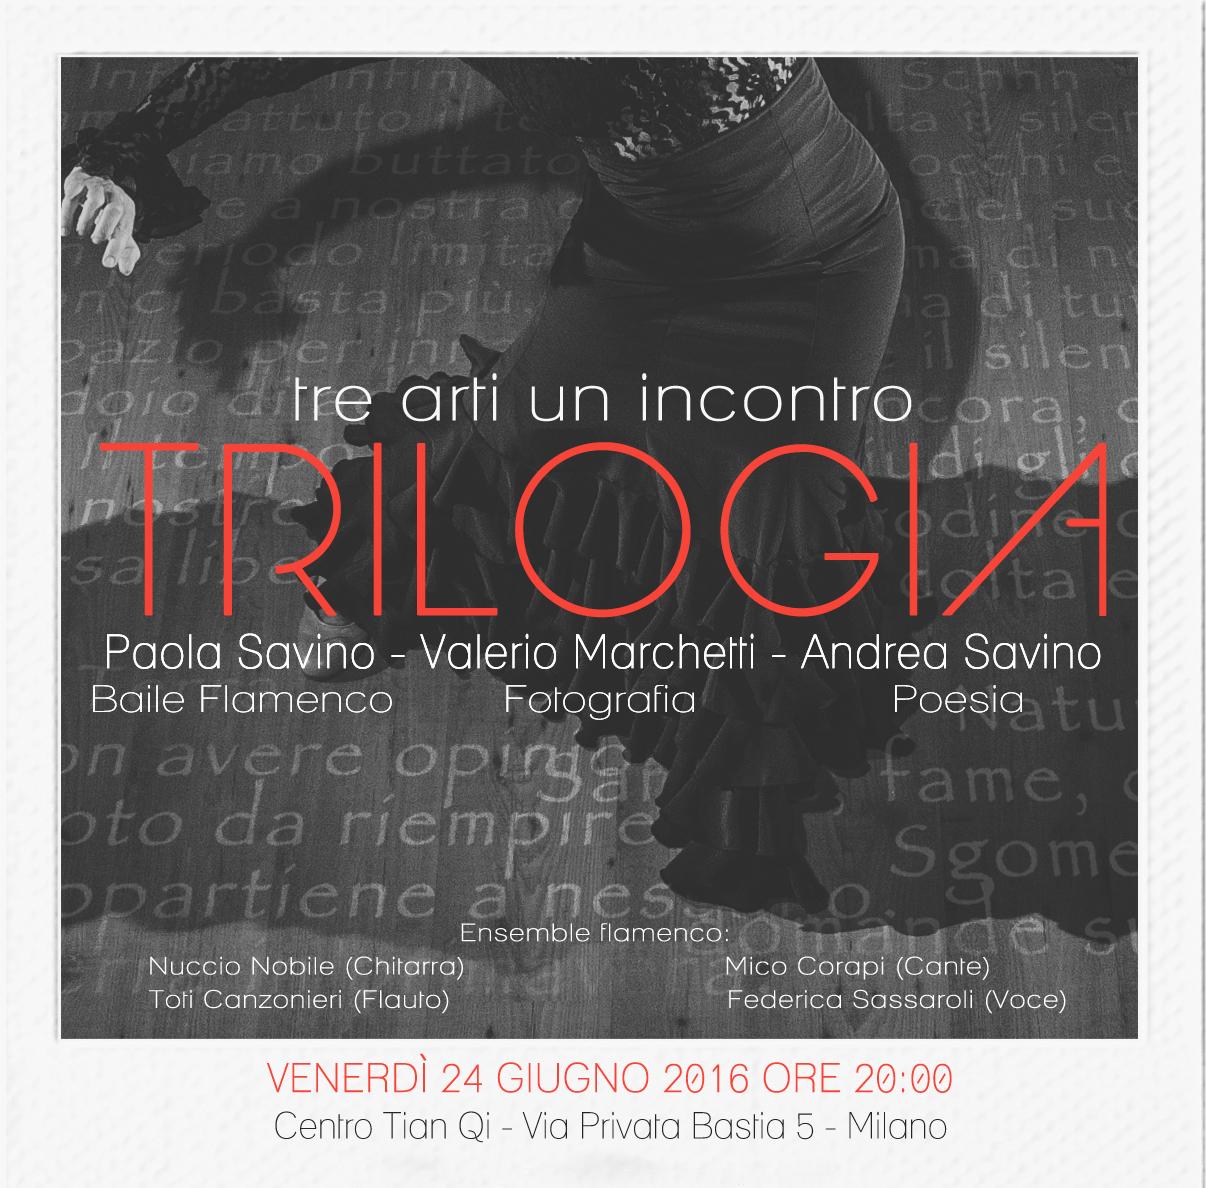 24 giugno 2016 - trilogia: tre arti un incontro